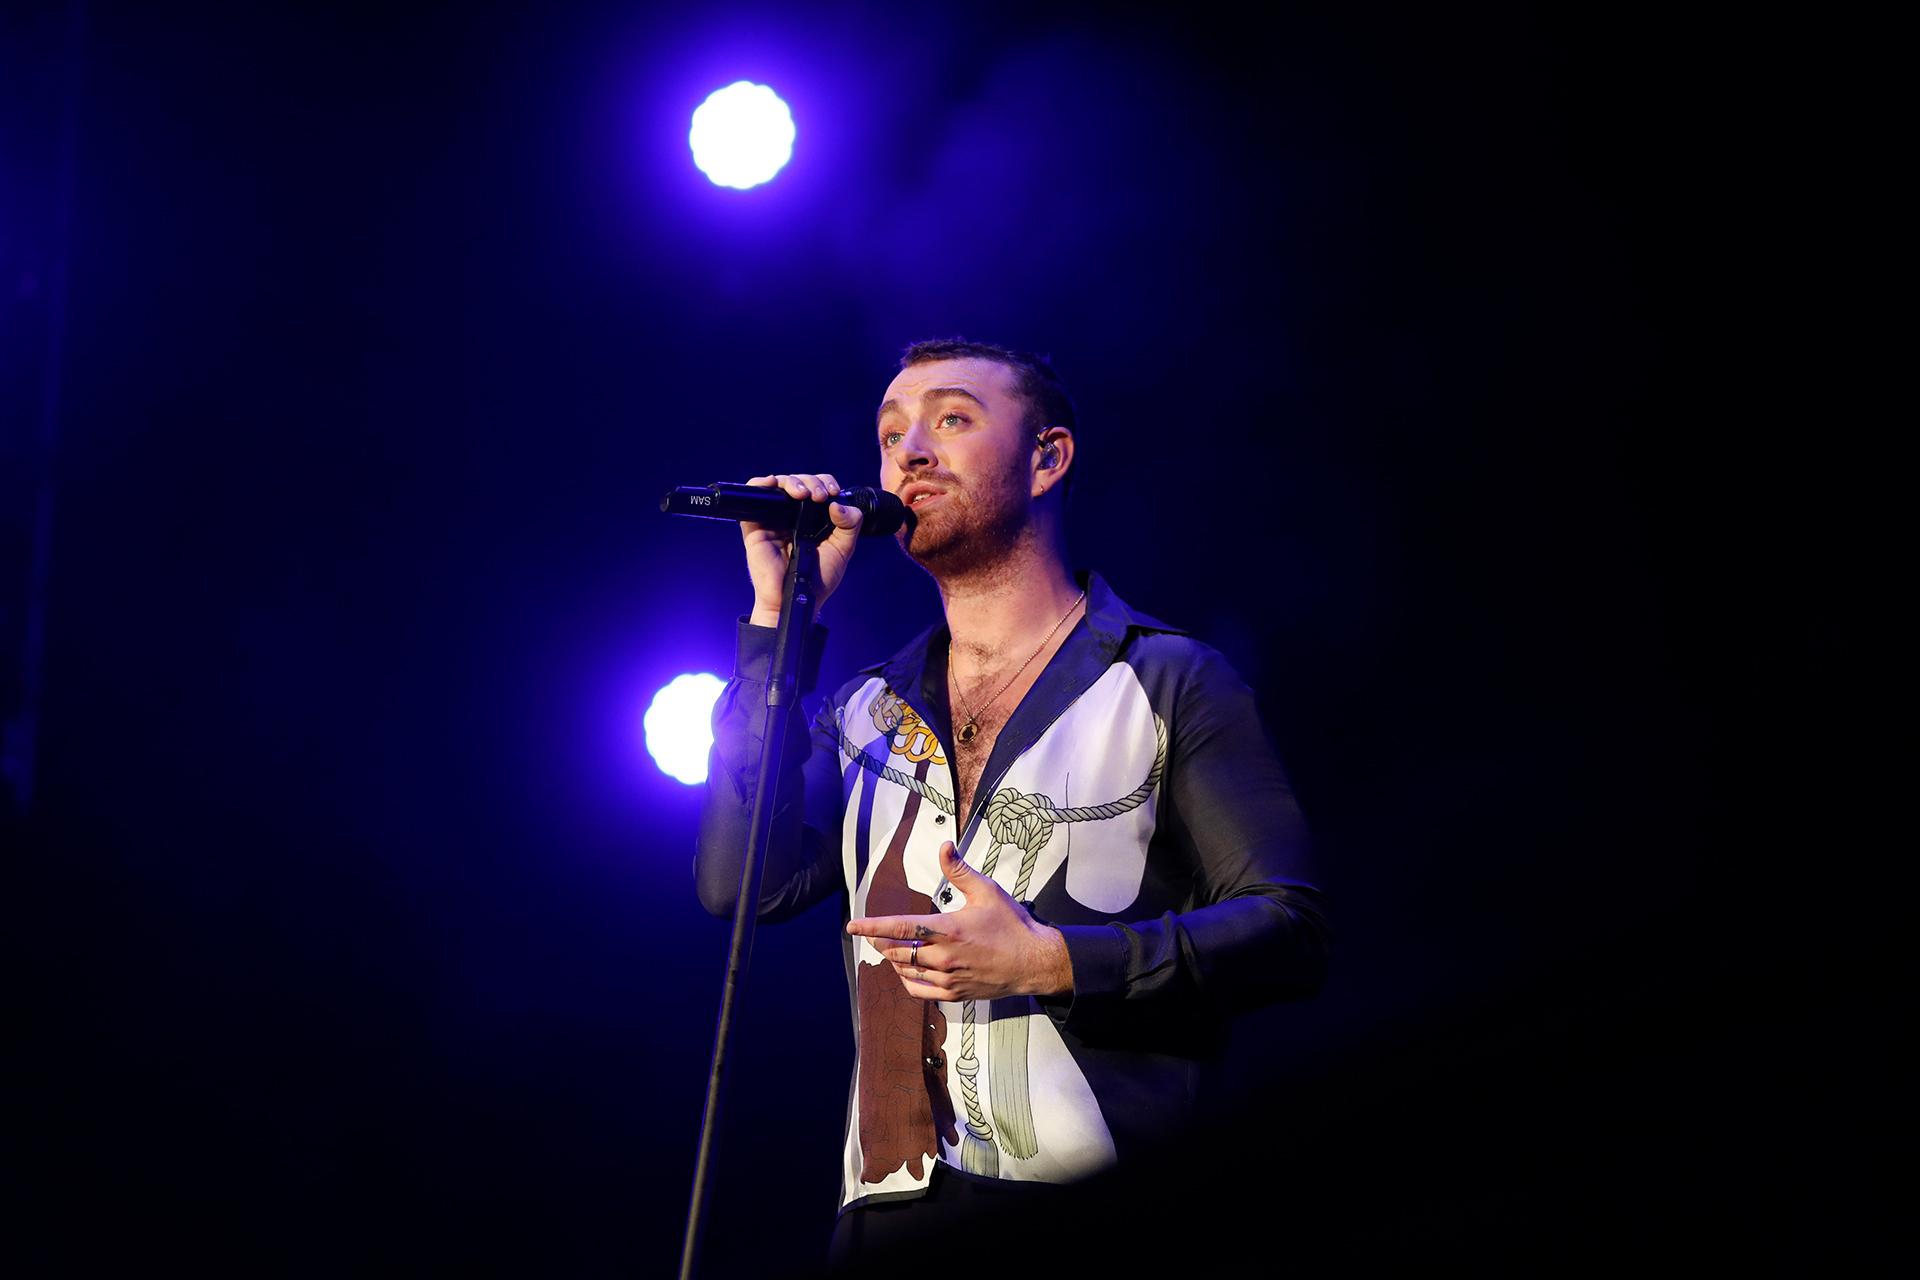 El compositor y cantante británico durante su show (Chule Valerga)